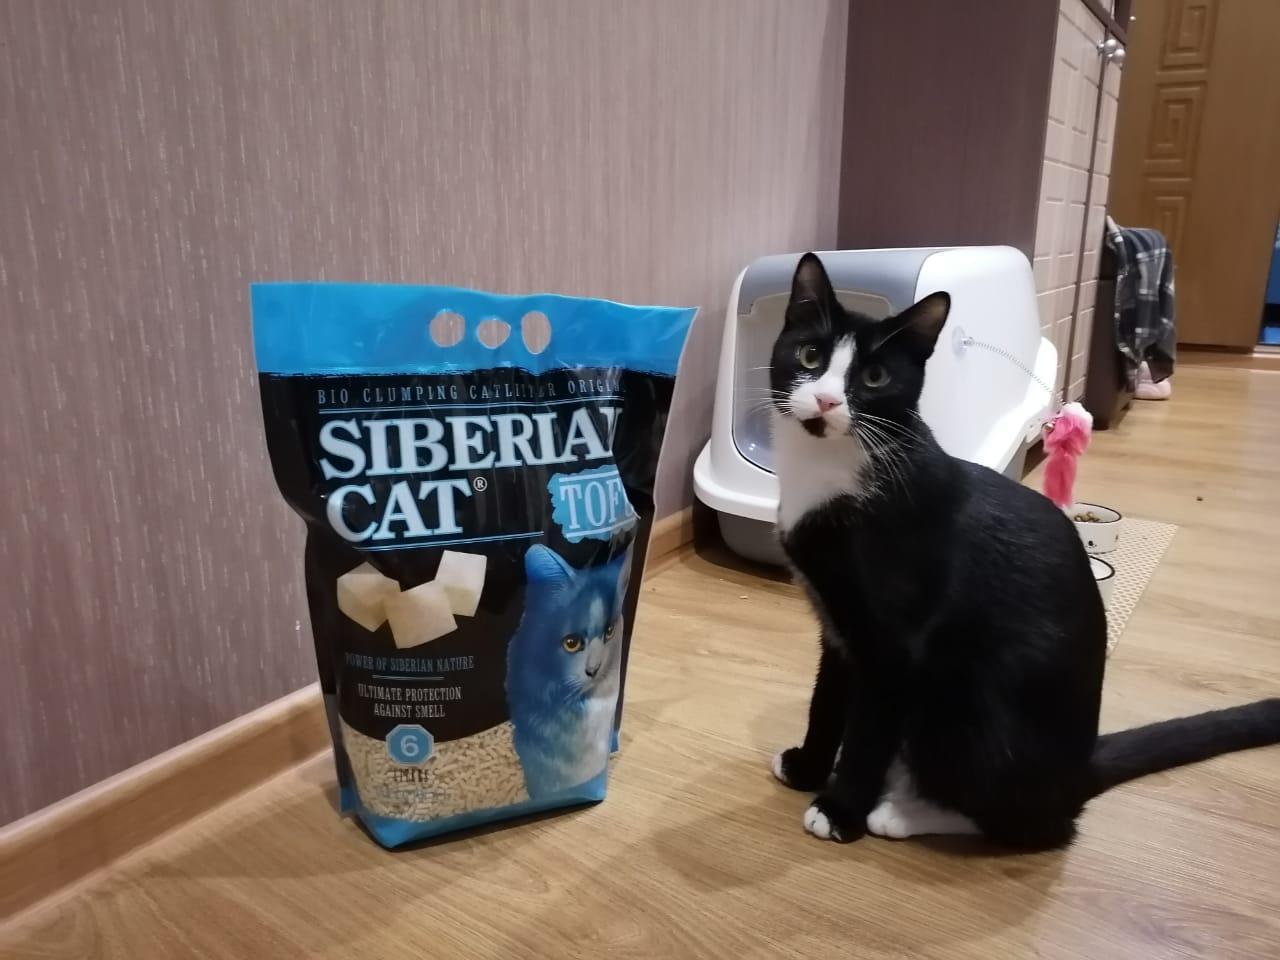 фото «Ласковый и нежный котя» из приюта: специальный приз достался участнику конкурса «Главный котик Новосибирска-2021» 2